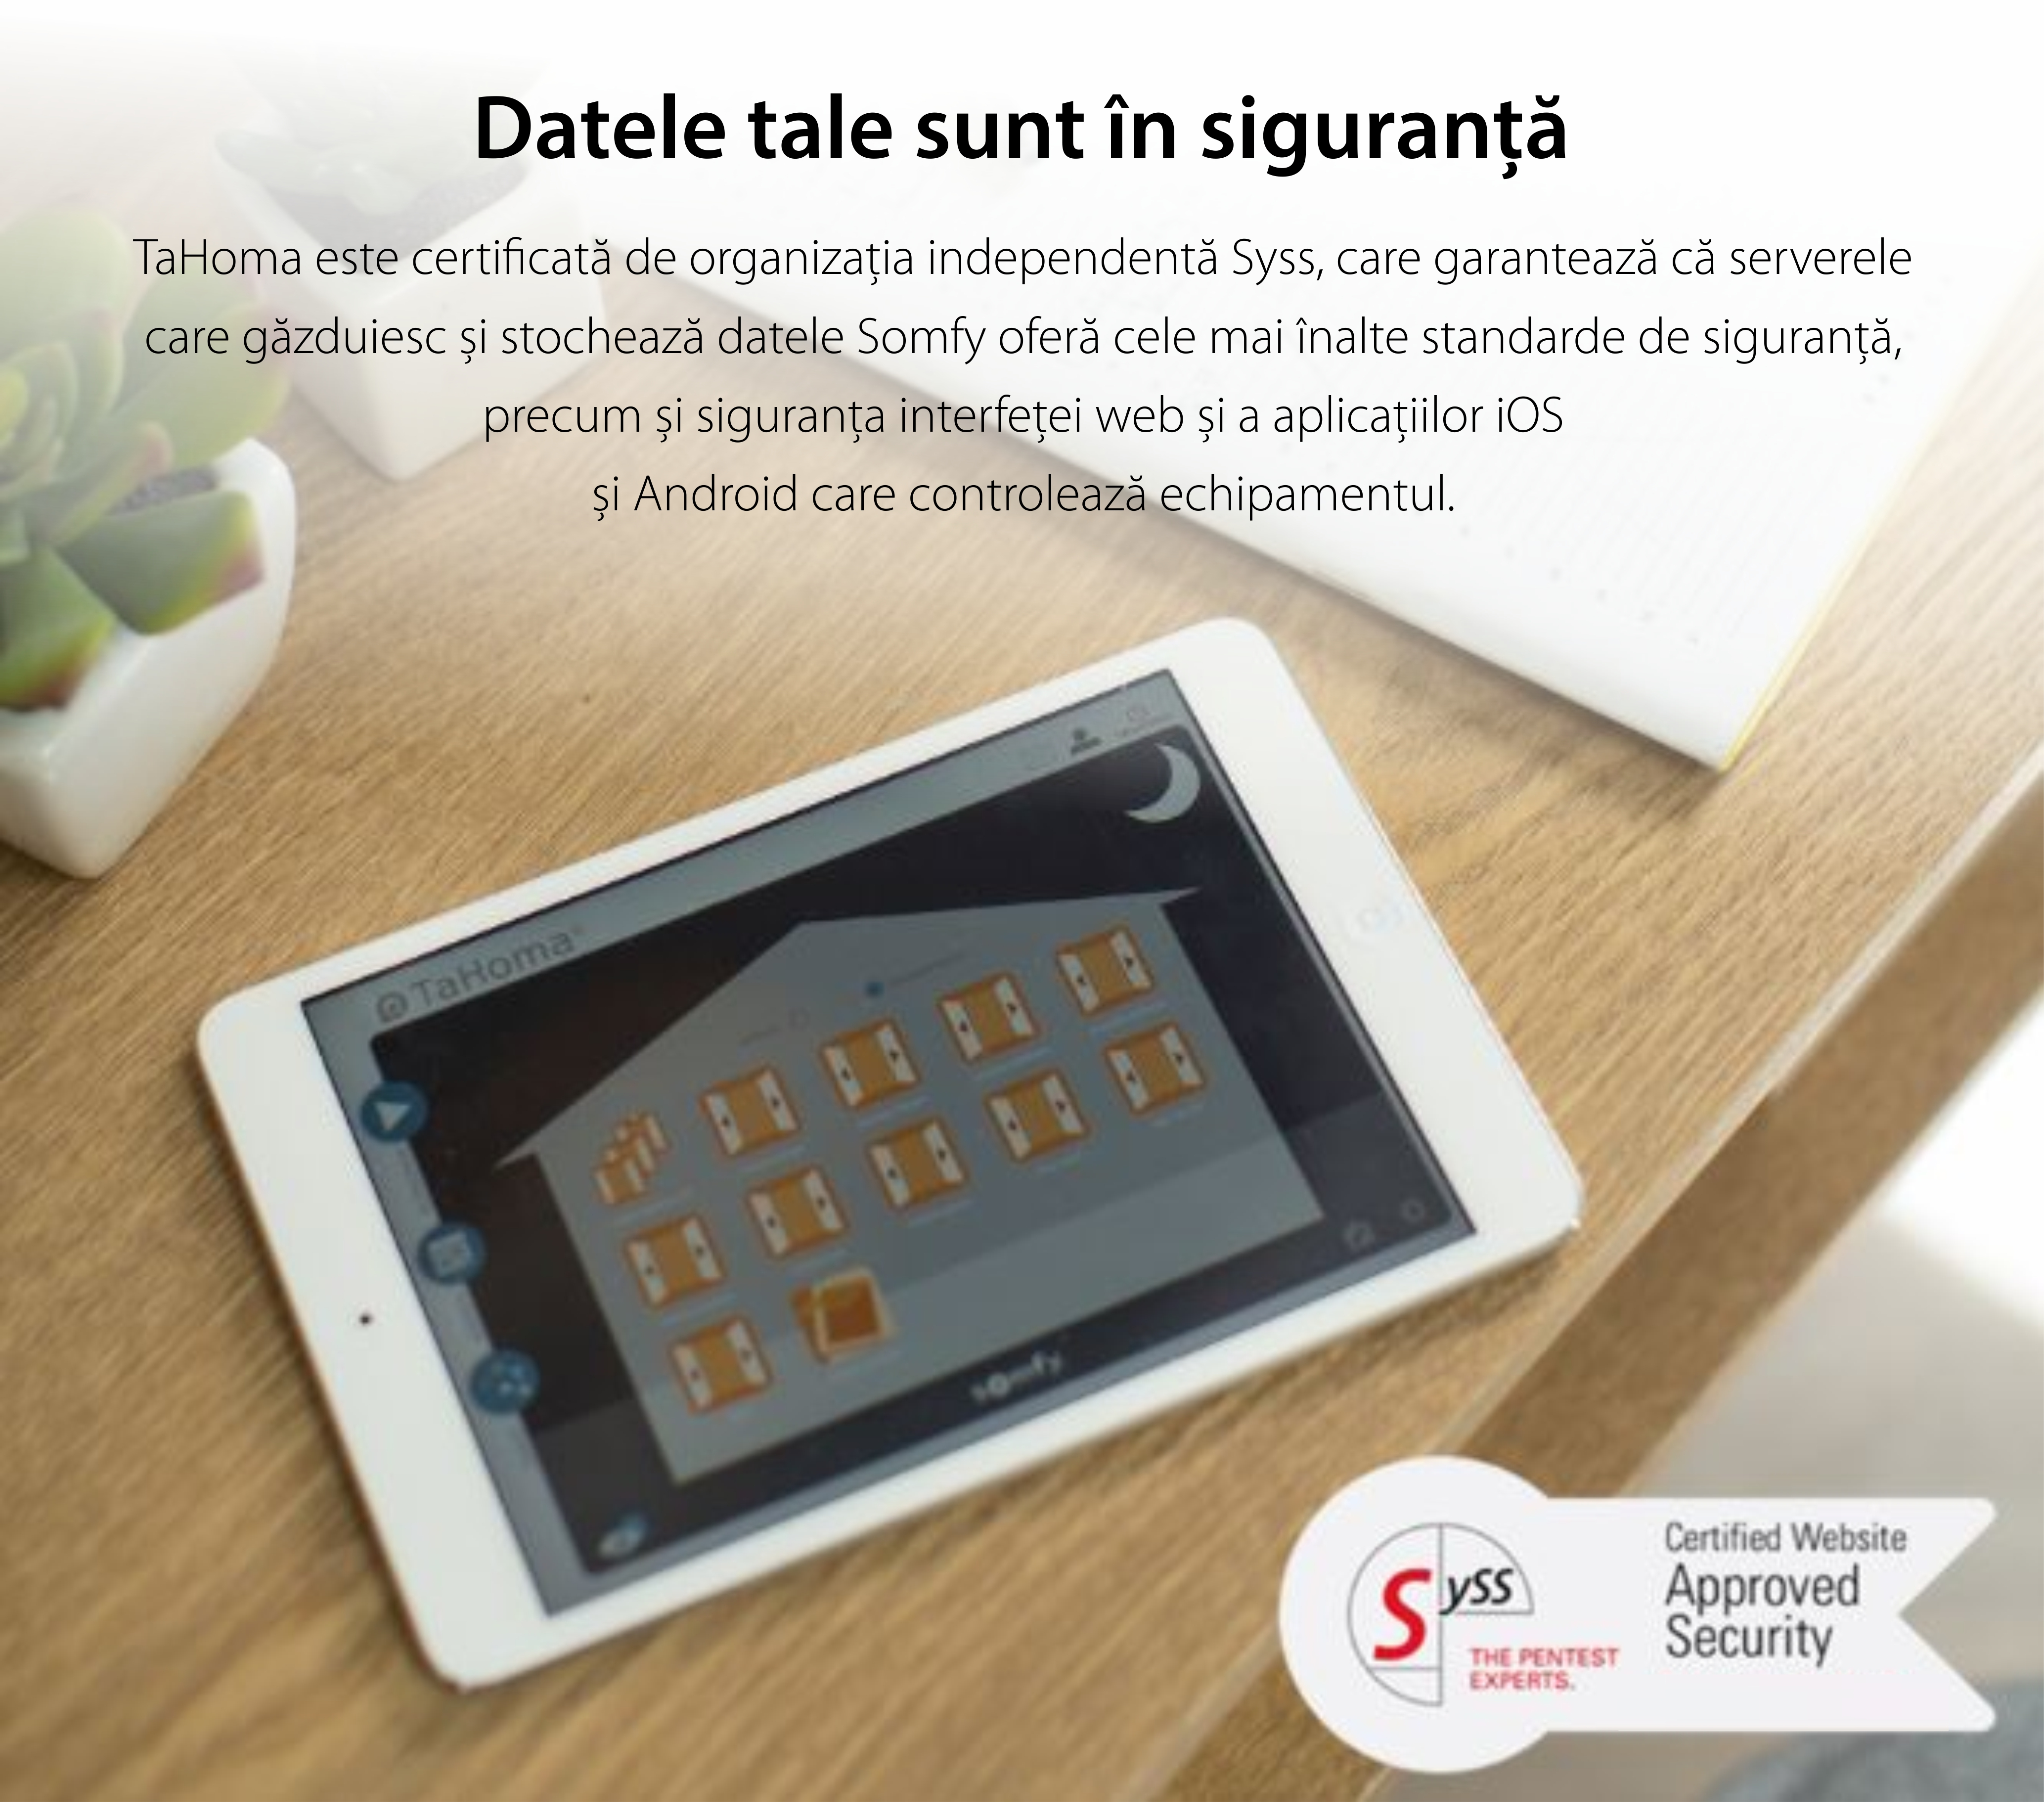 Unitate de comanda Somfy TaHoma DIY pentru controlul intregii locuinte, Compatibil cu Alexa, Google Home